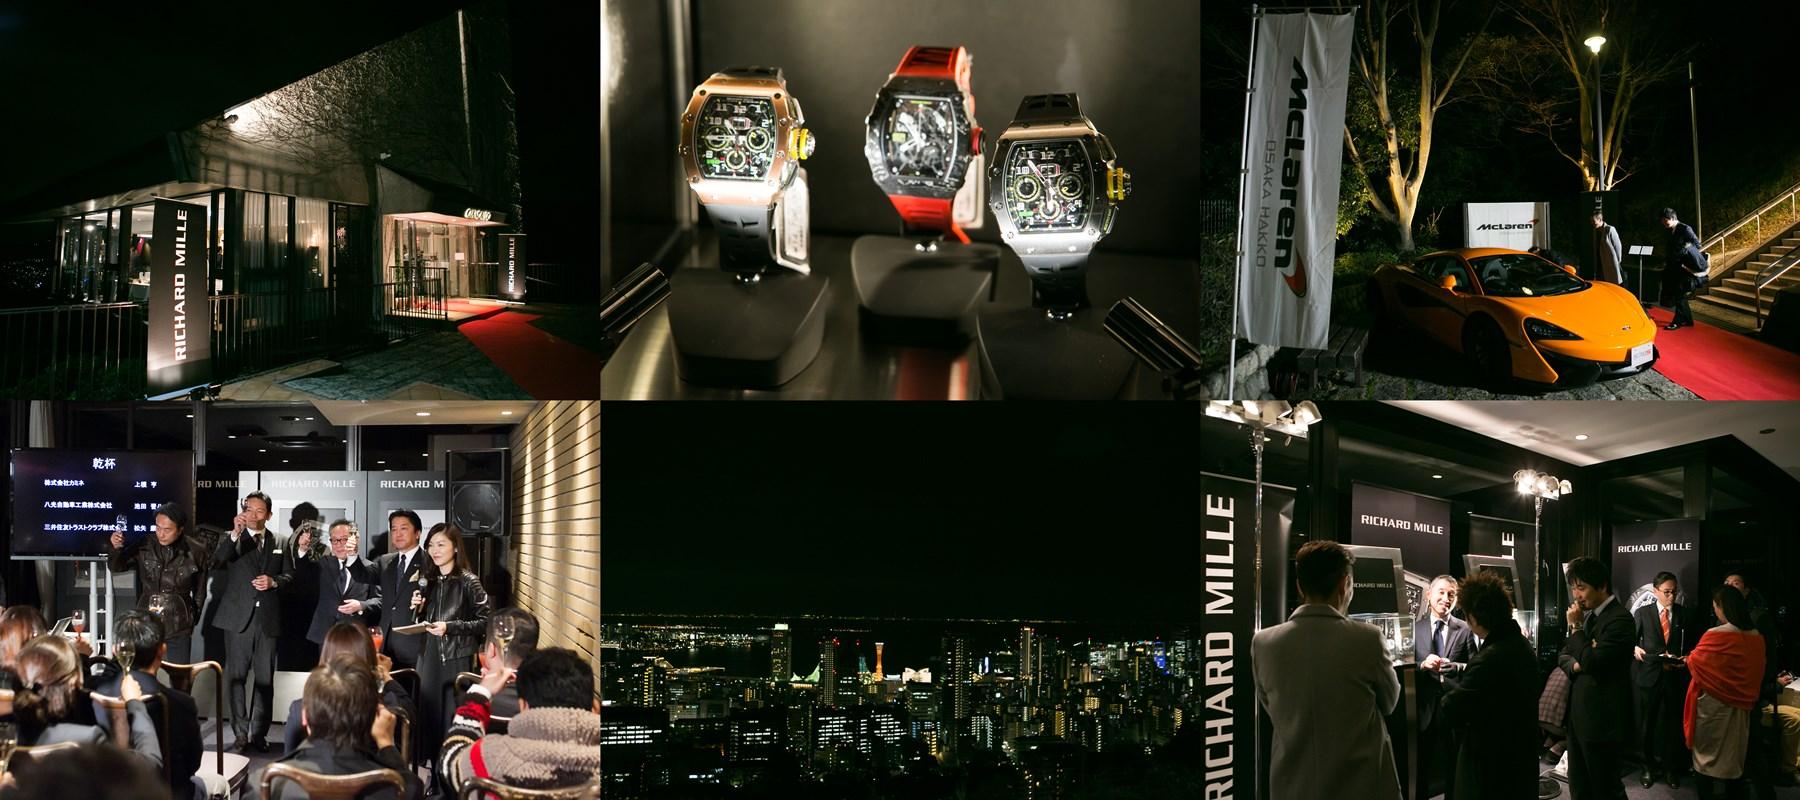 161215mclaren_night-view-lounge2016_02